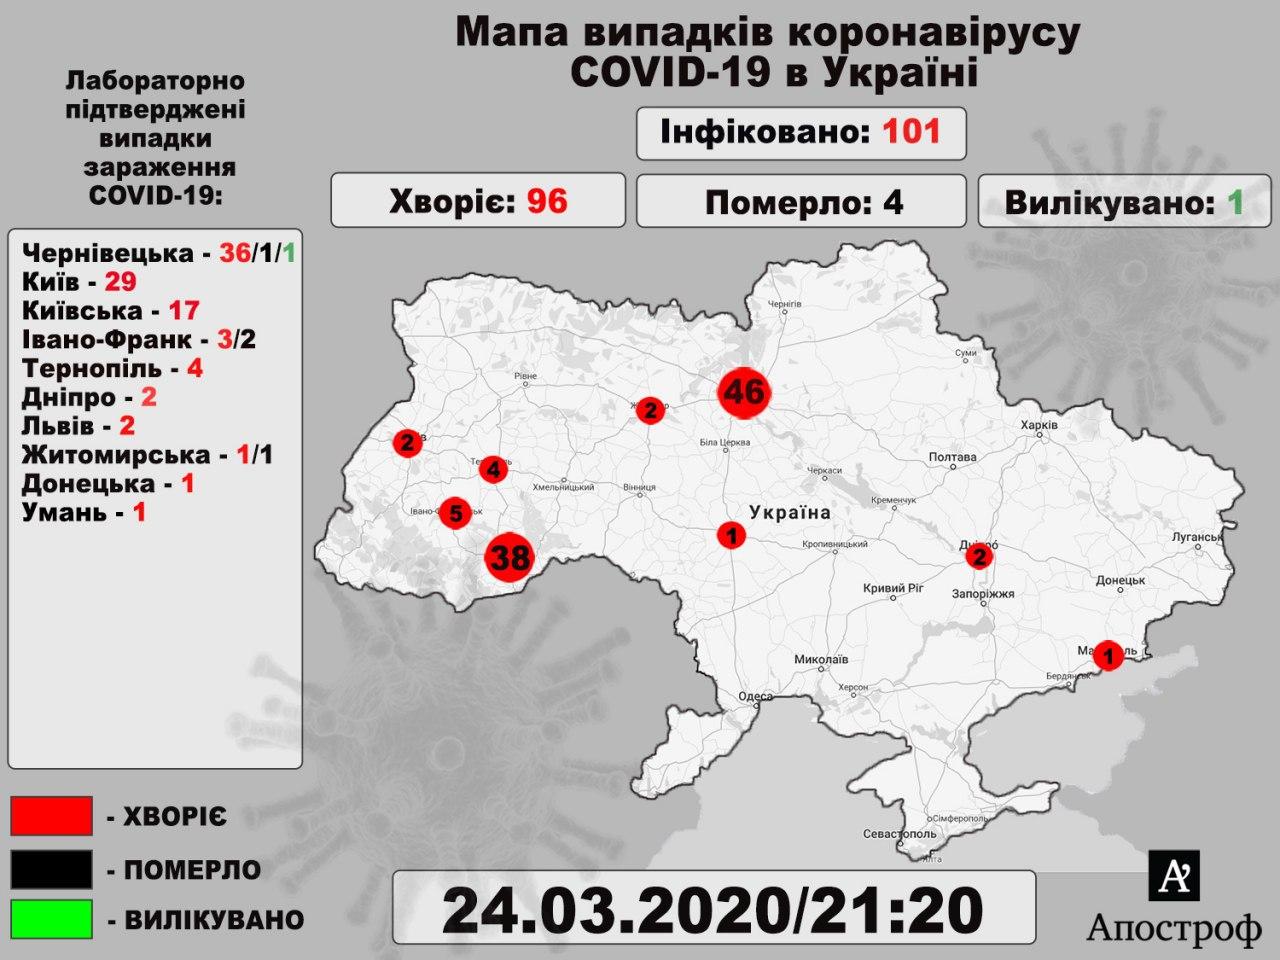 Вже більше ста: стало відомо про нові випадки інфікування коронавірусів в Україні